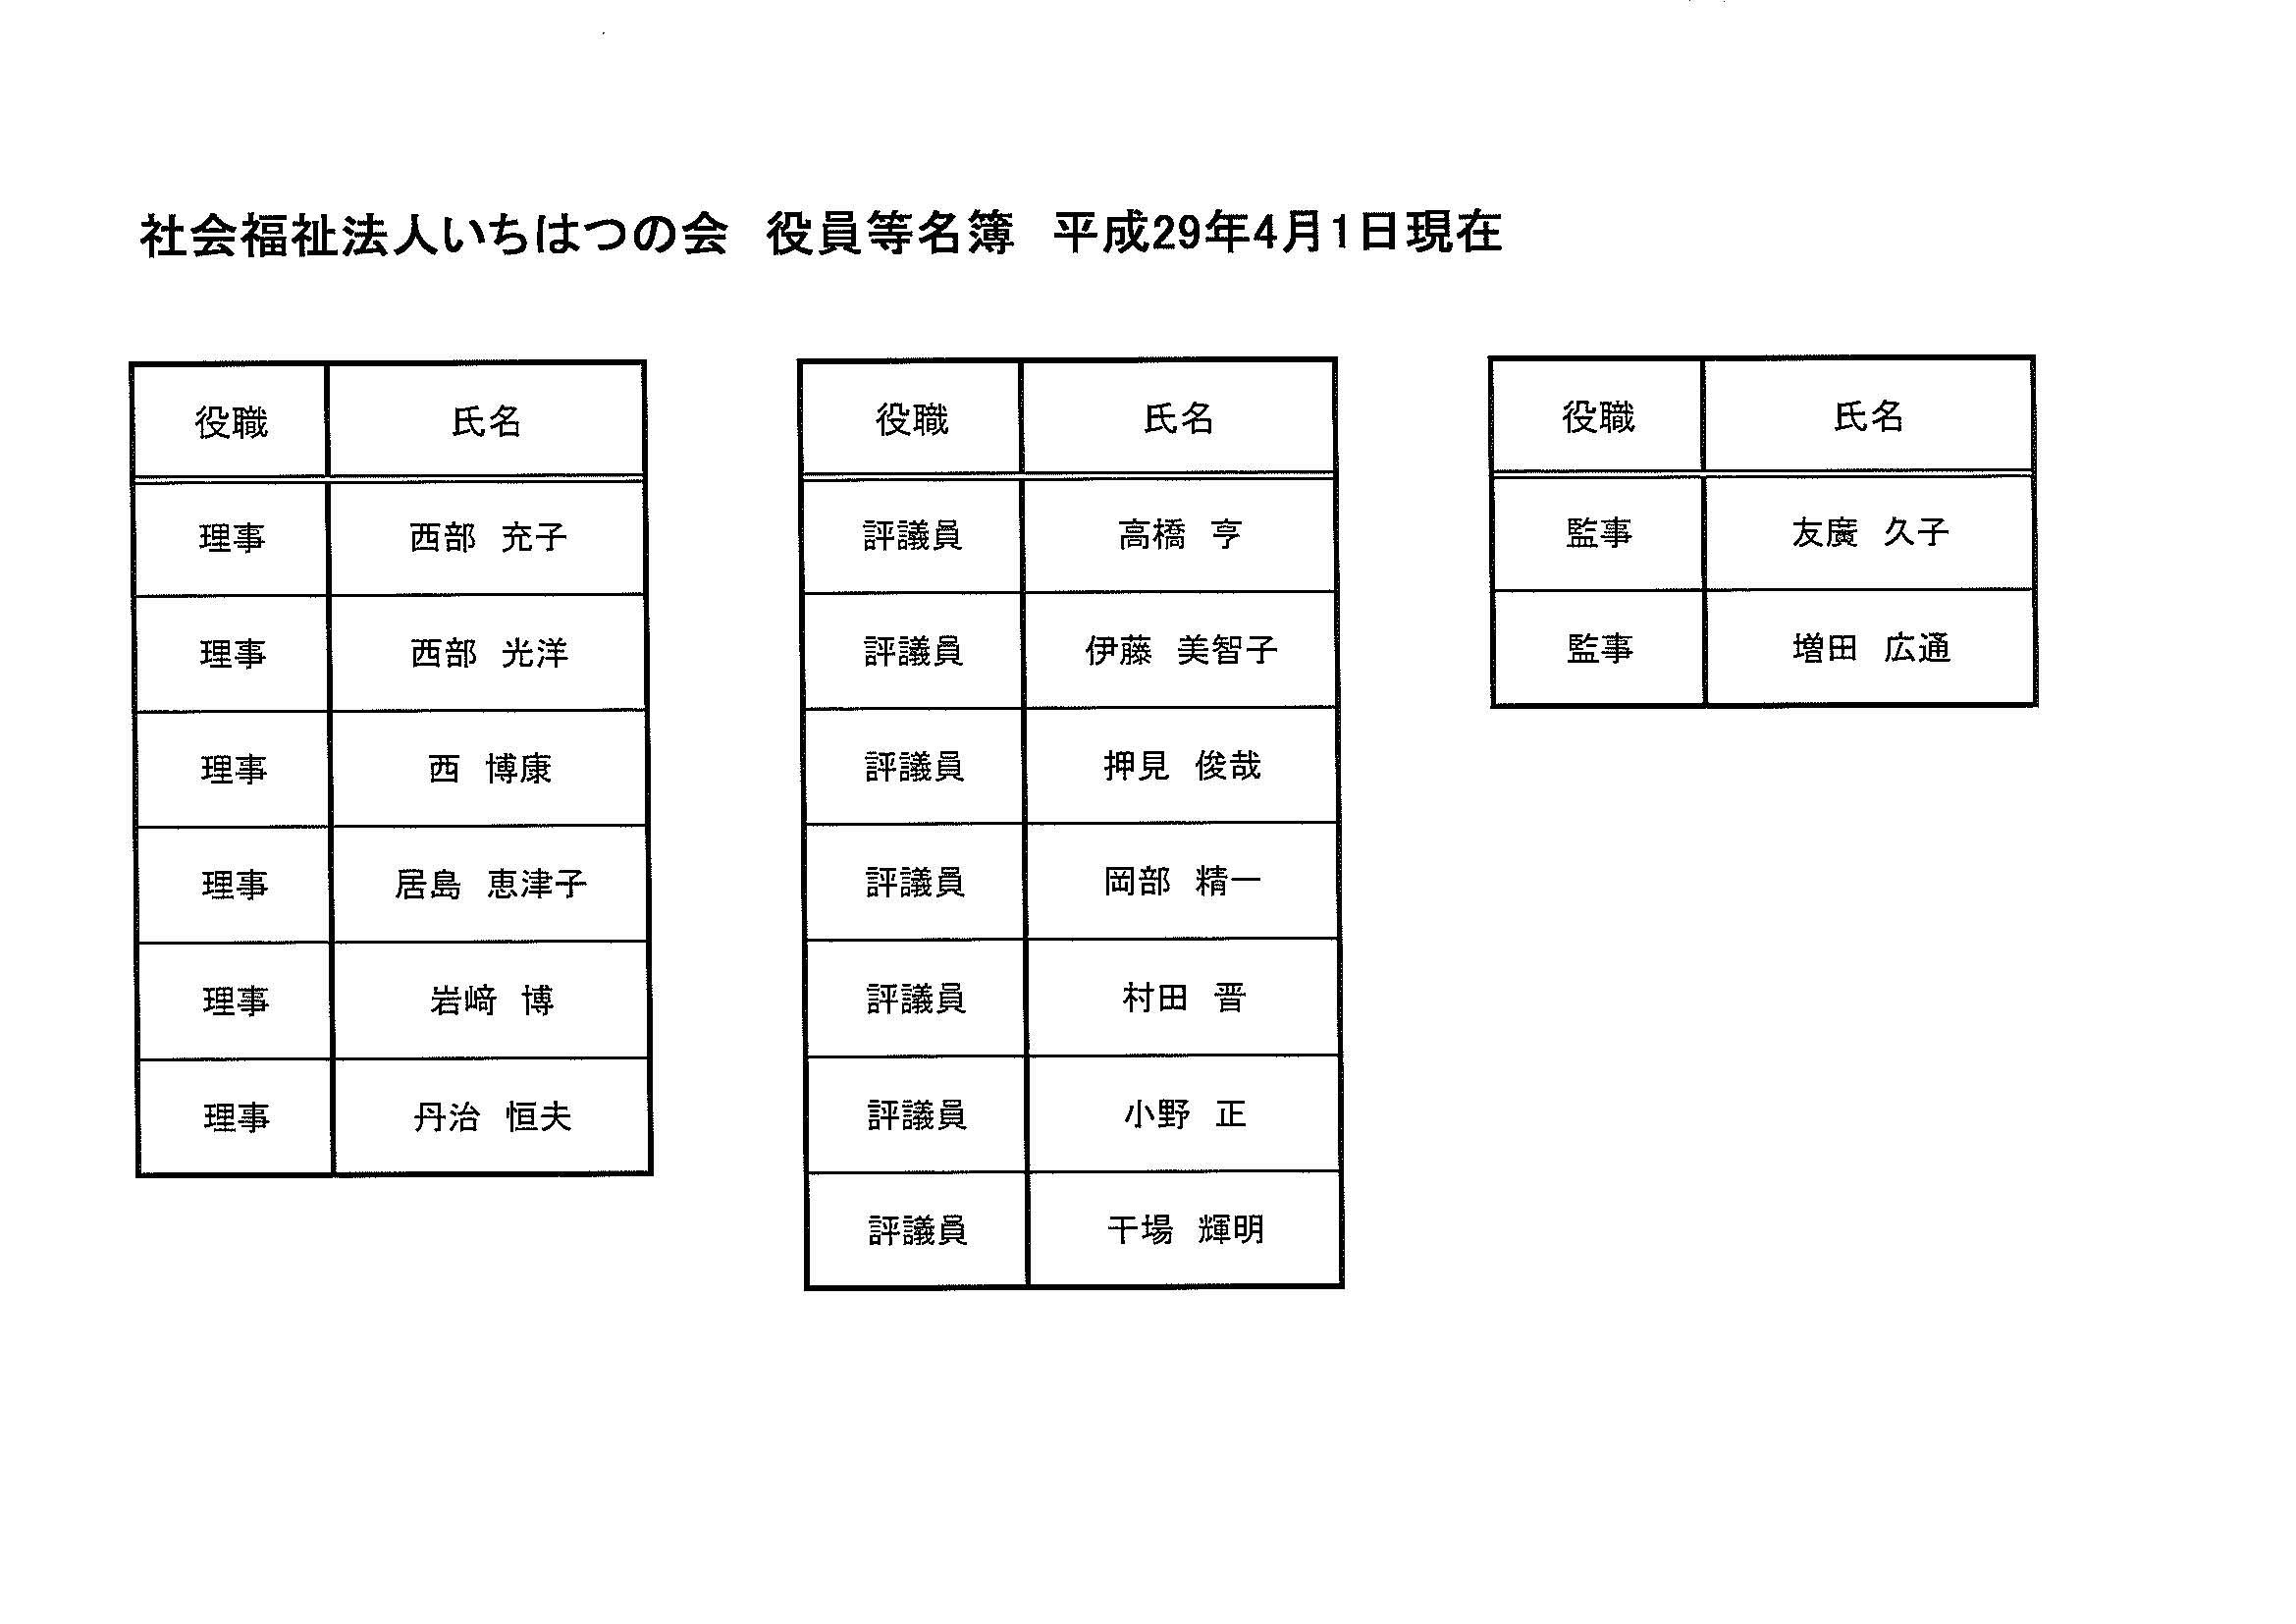 いちはつの会役員名簿(閲覧用)